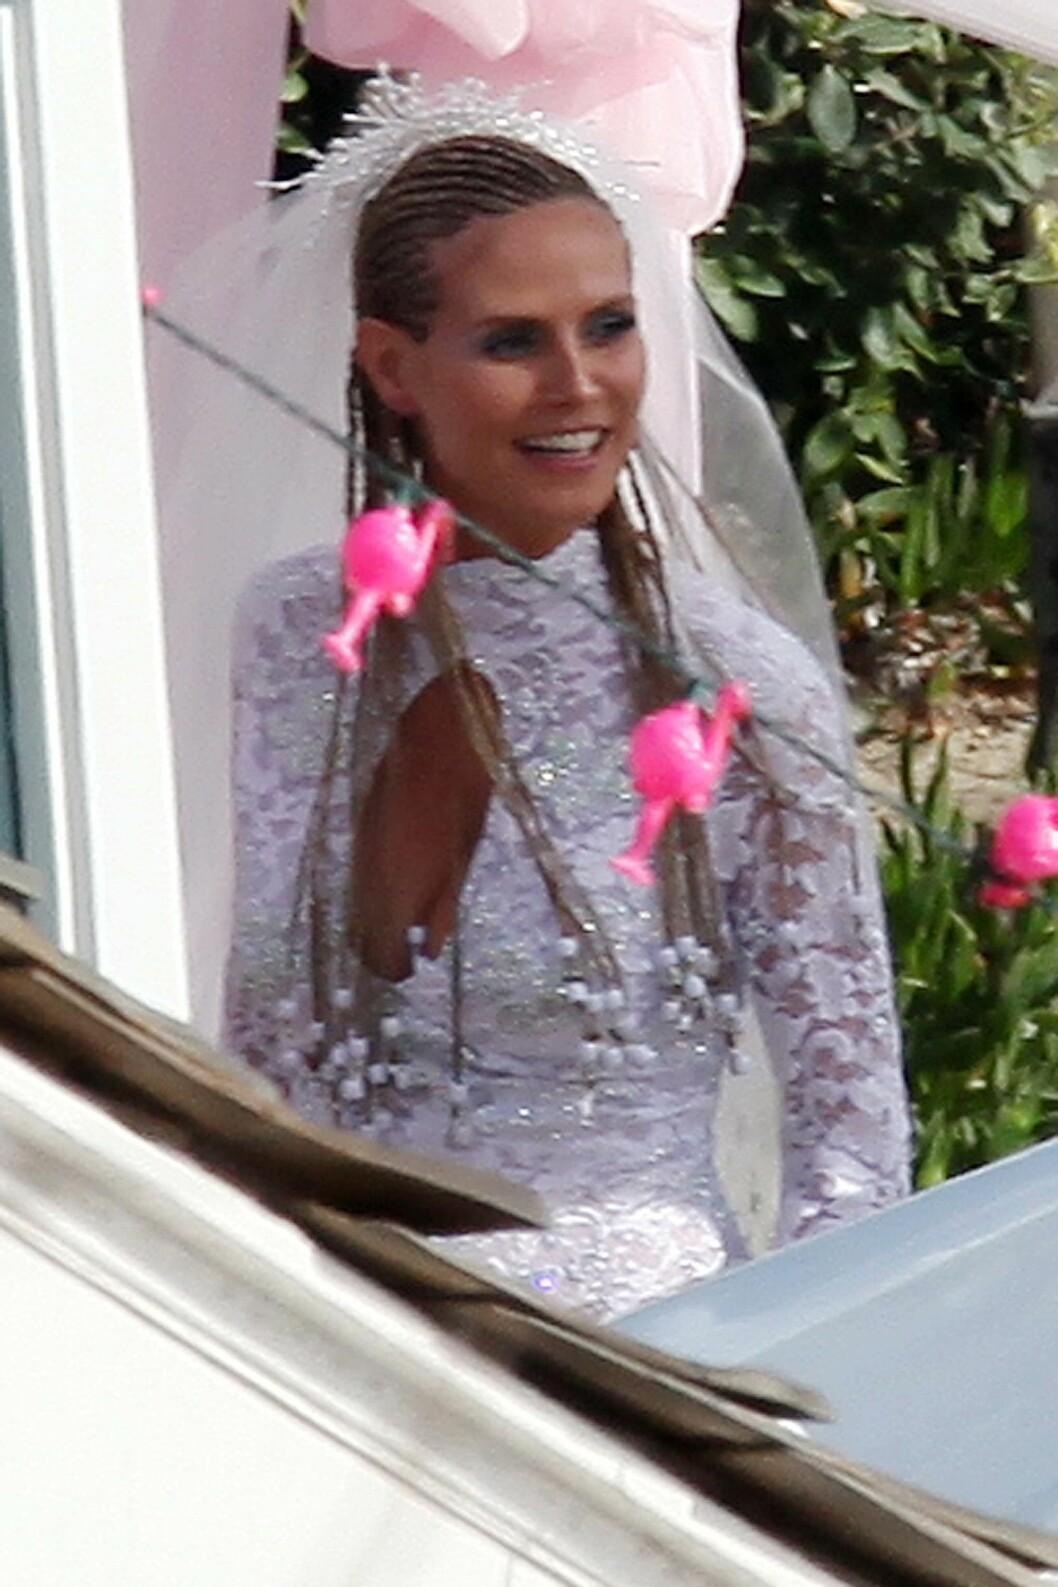 STOD BRUD HVERT ÅR: Heidi elsker å kle seg ut, og var hjernen bak de årlige temafestene, ifølge Seal. Foto: Clint Brewer / Splash News